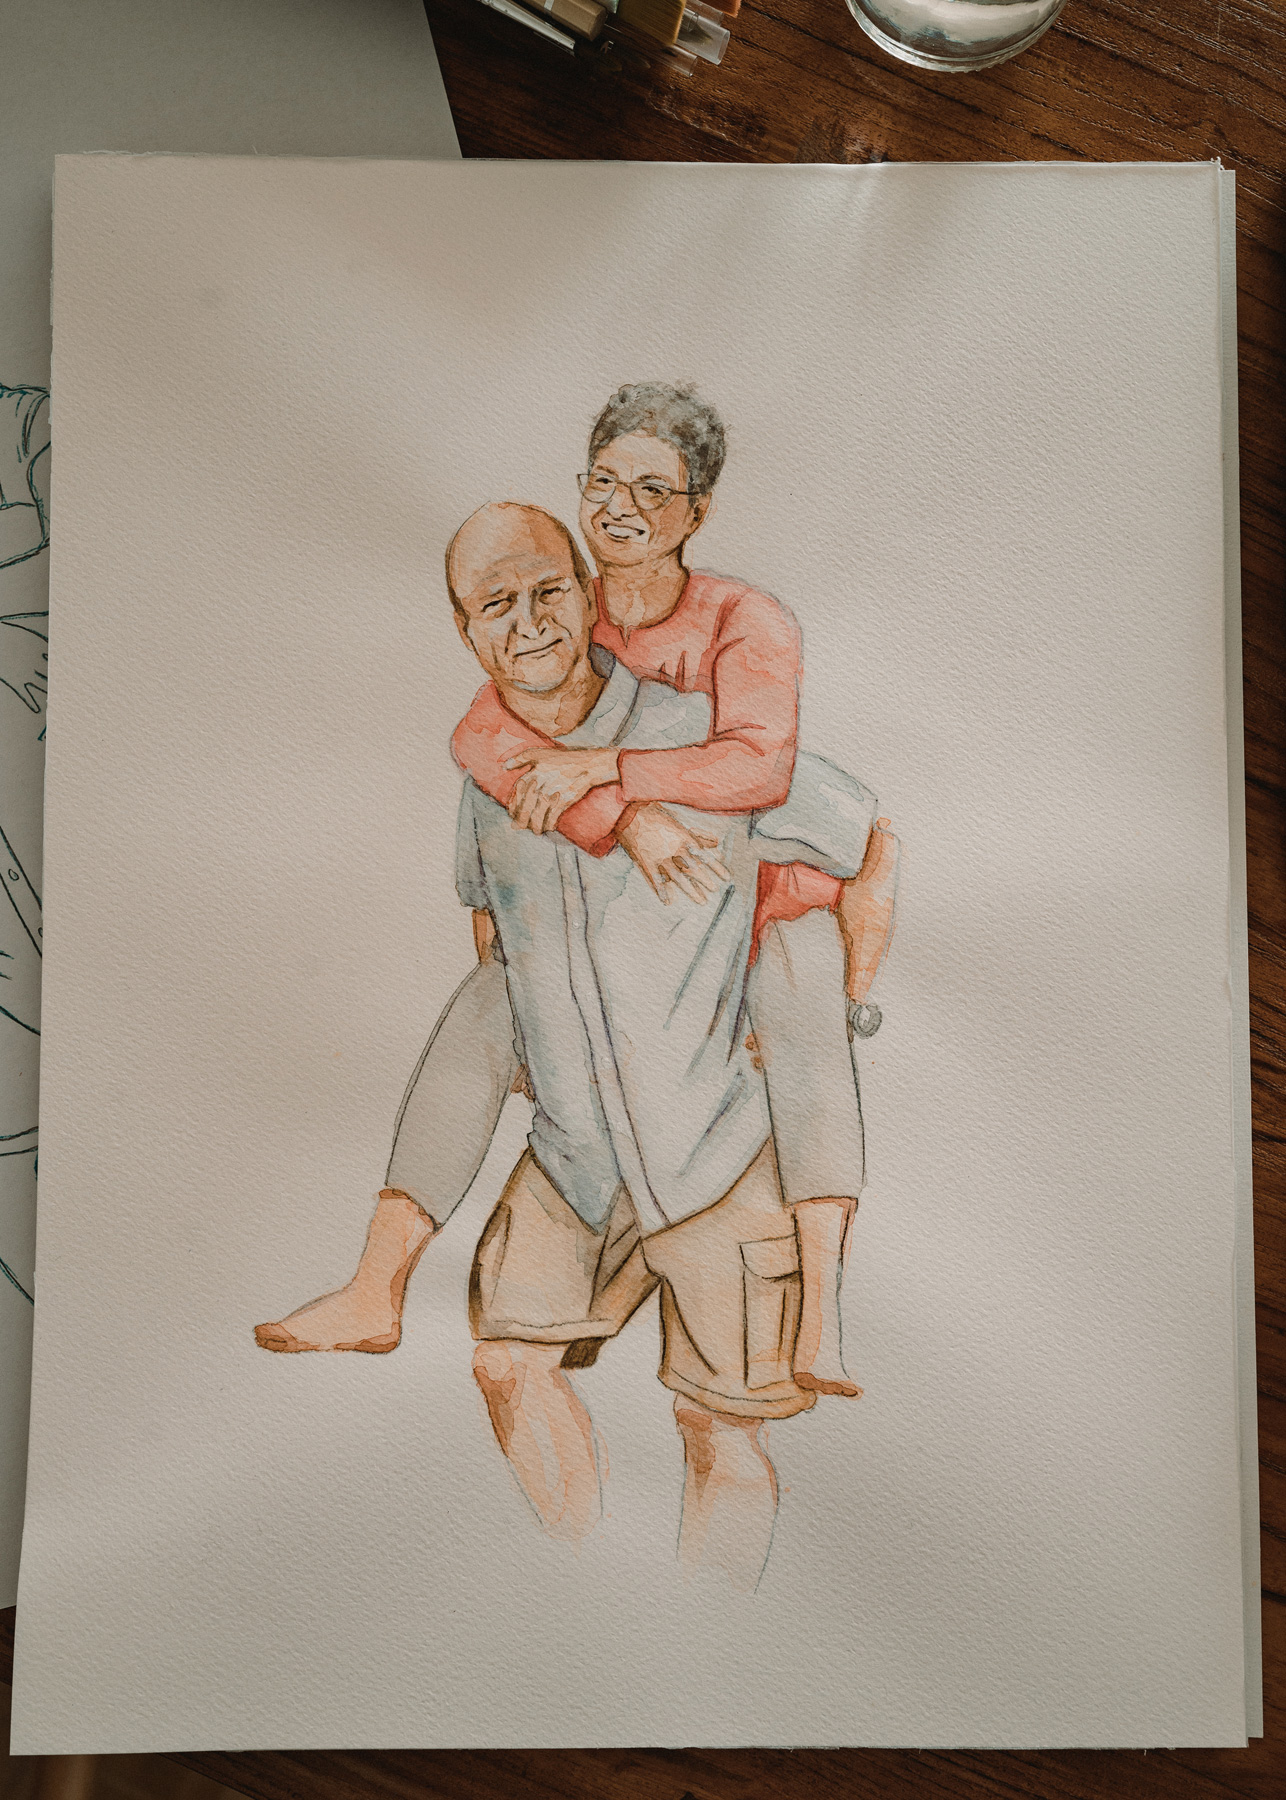 Das Porträt zeigt ein Paar. Der Mann trägt die Frau Huckepack.